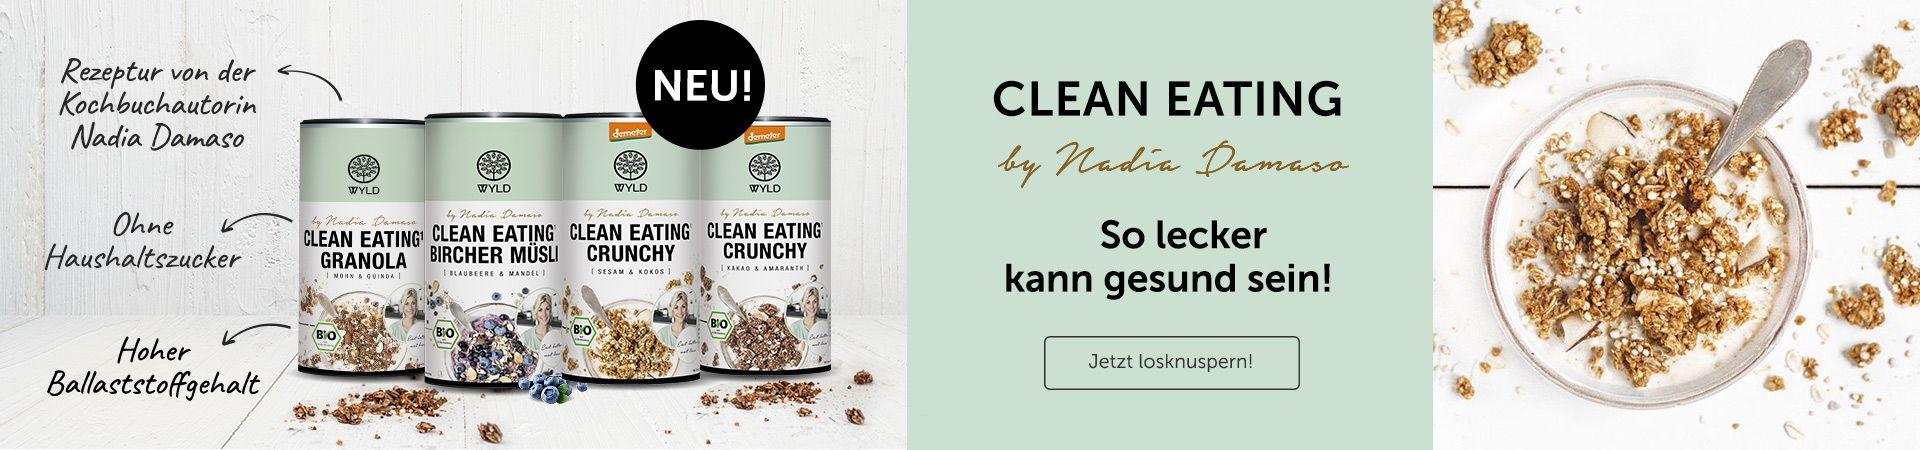 Das Banner zeigt die Clean Eating Müsliserie der Bestseller-Autorin und Food-Influencerin Nadia Damaso und WYLD: das Clean Eating Granola mit Mohn und Quinoa, das Clean Eating Bircher Müsli und die Clean Eating Crunchy Müslis Sesam-Kokos und Kakao-Amaranth.